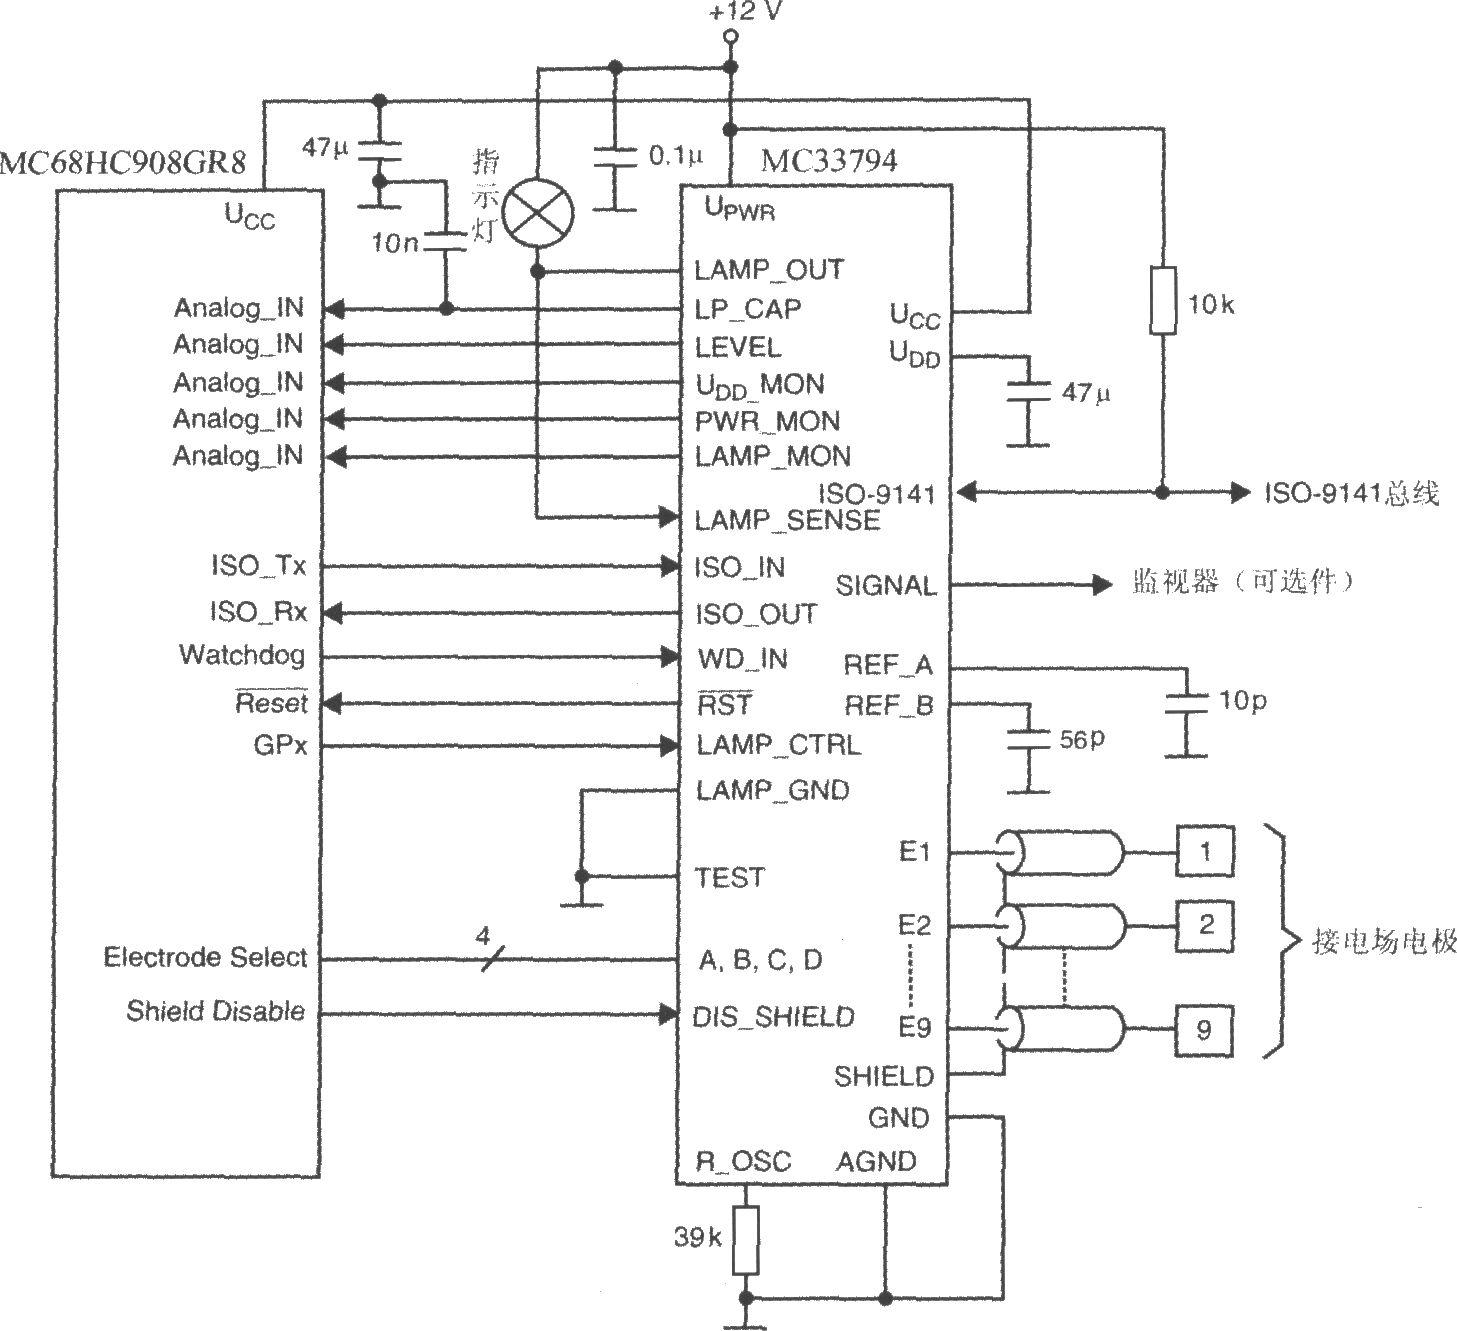 电场感应器件MC33794与微控制器的接线图